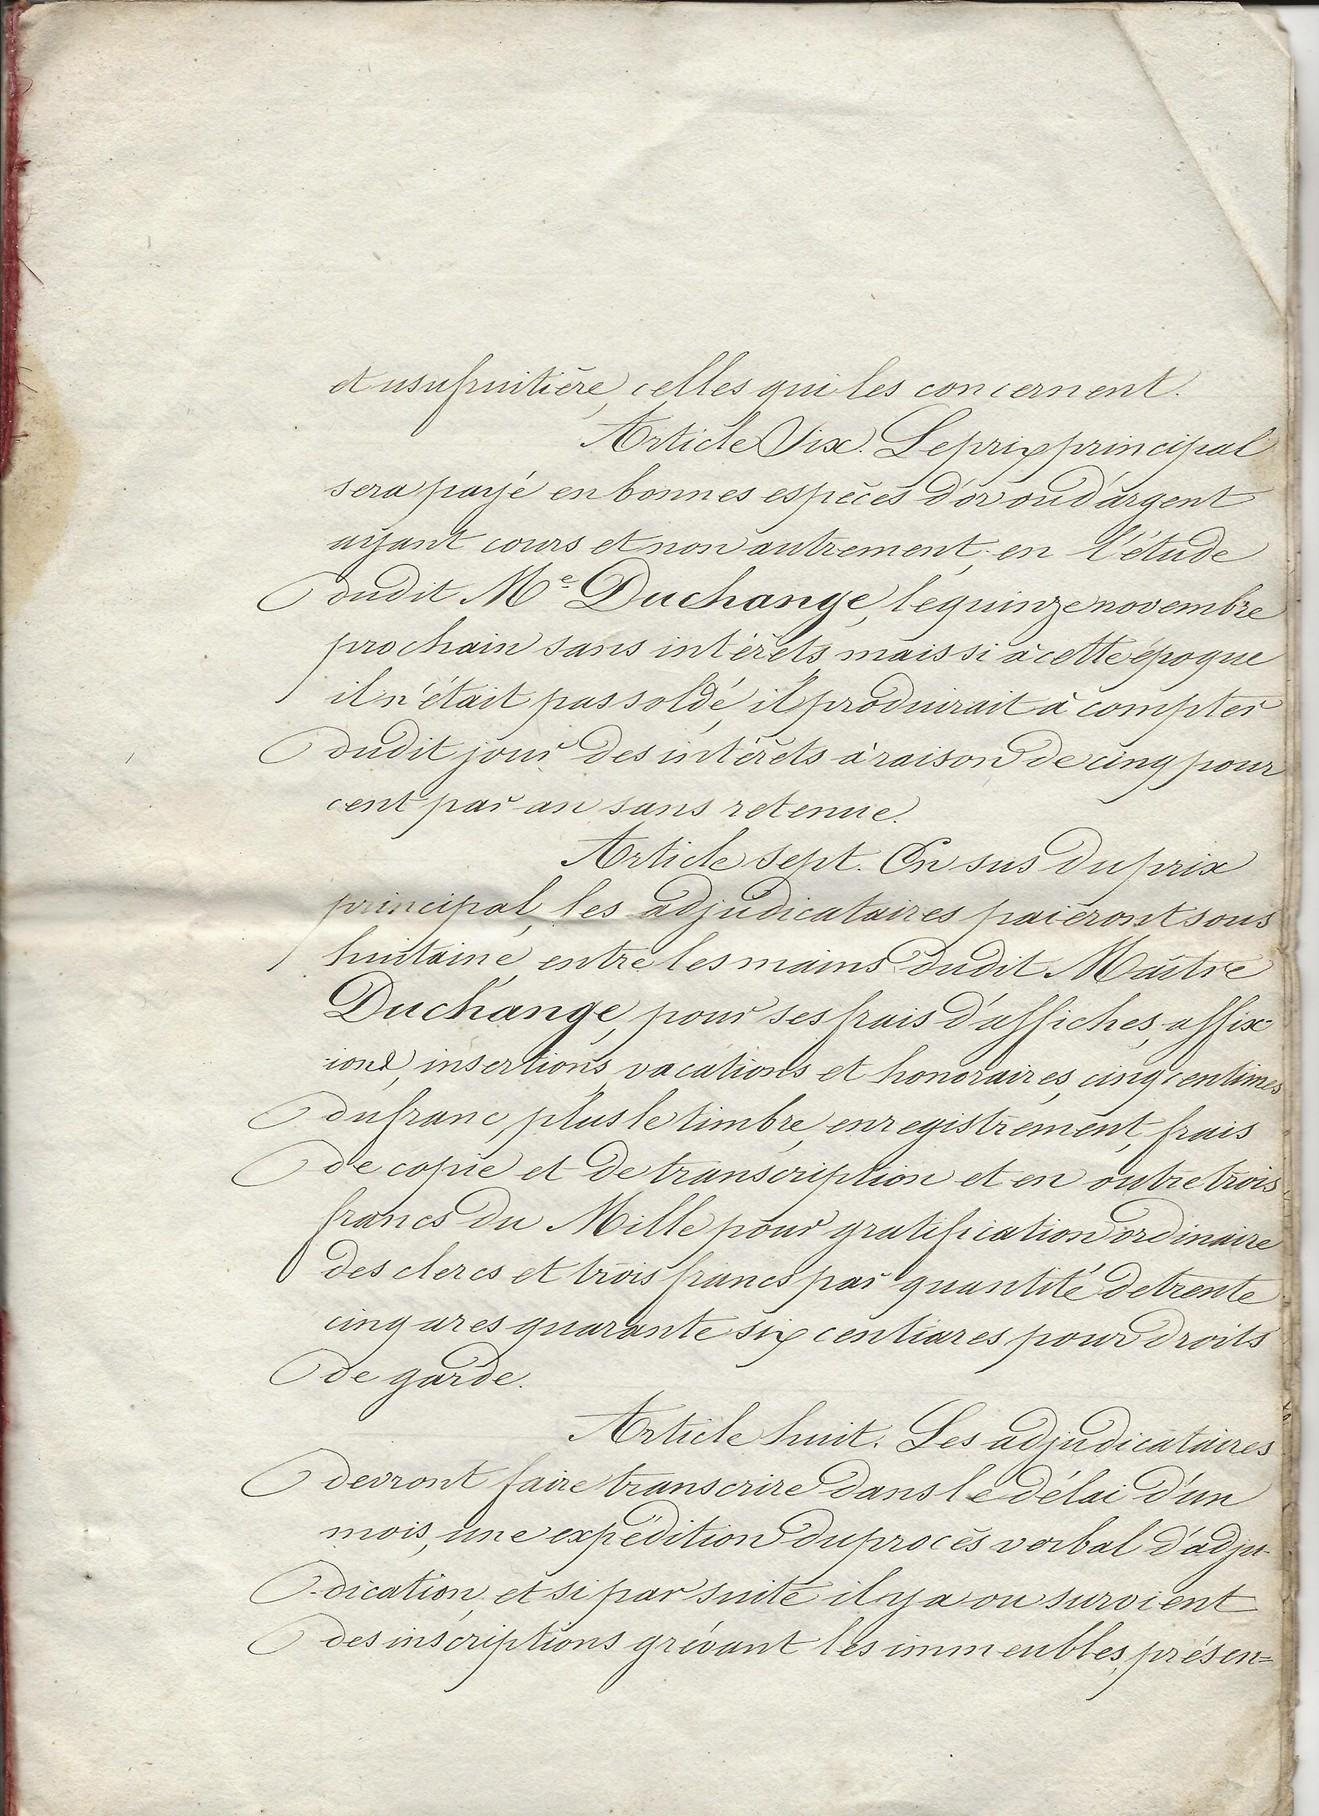 1847 adjudication terres lanciaux pruvot 005